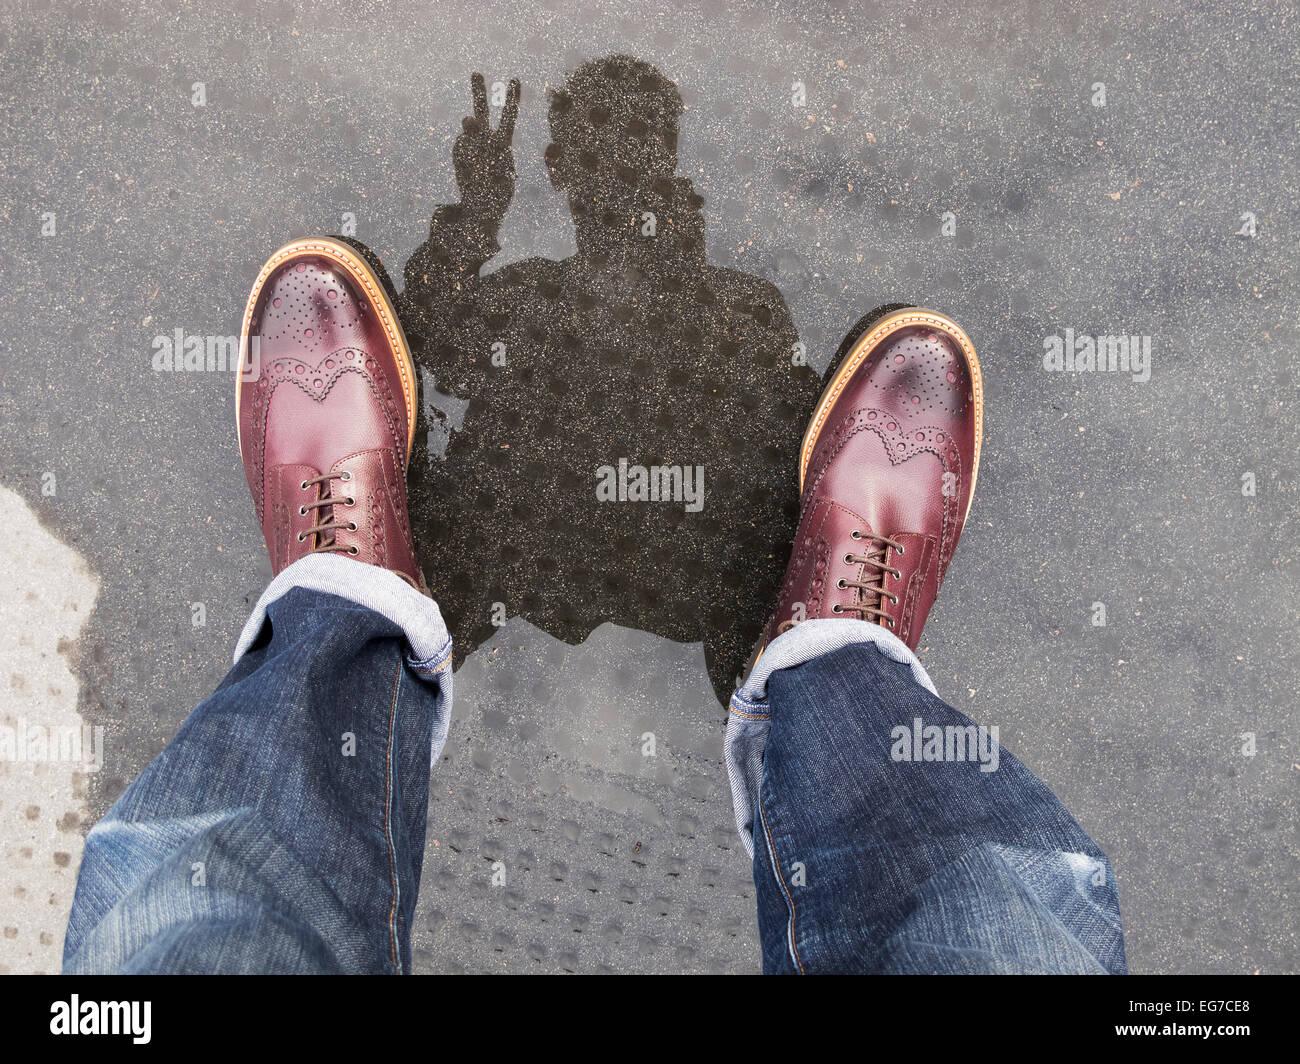 ein Selfie Reflexion Foto in einer Pfütze macht ein zwei Finger-Peace-Zeichen Stockbild